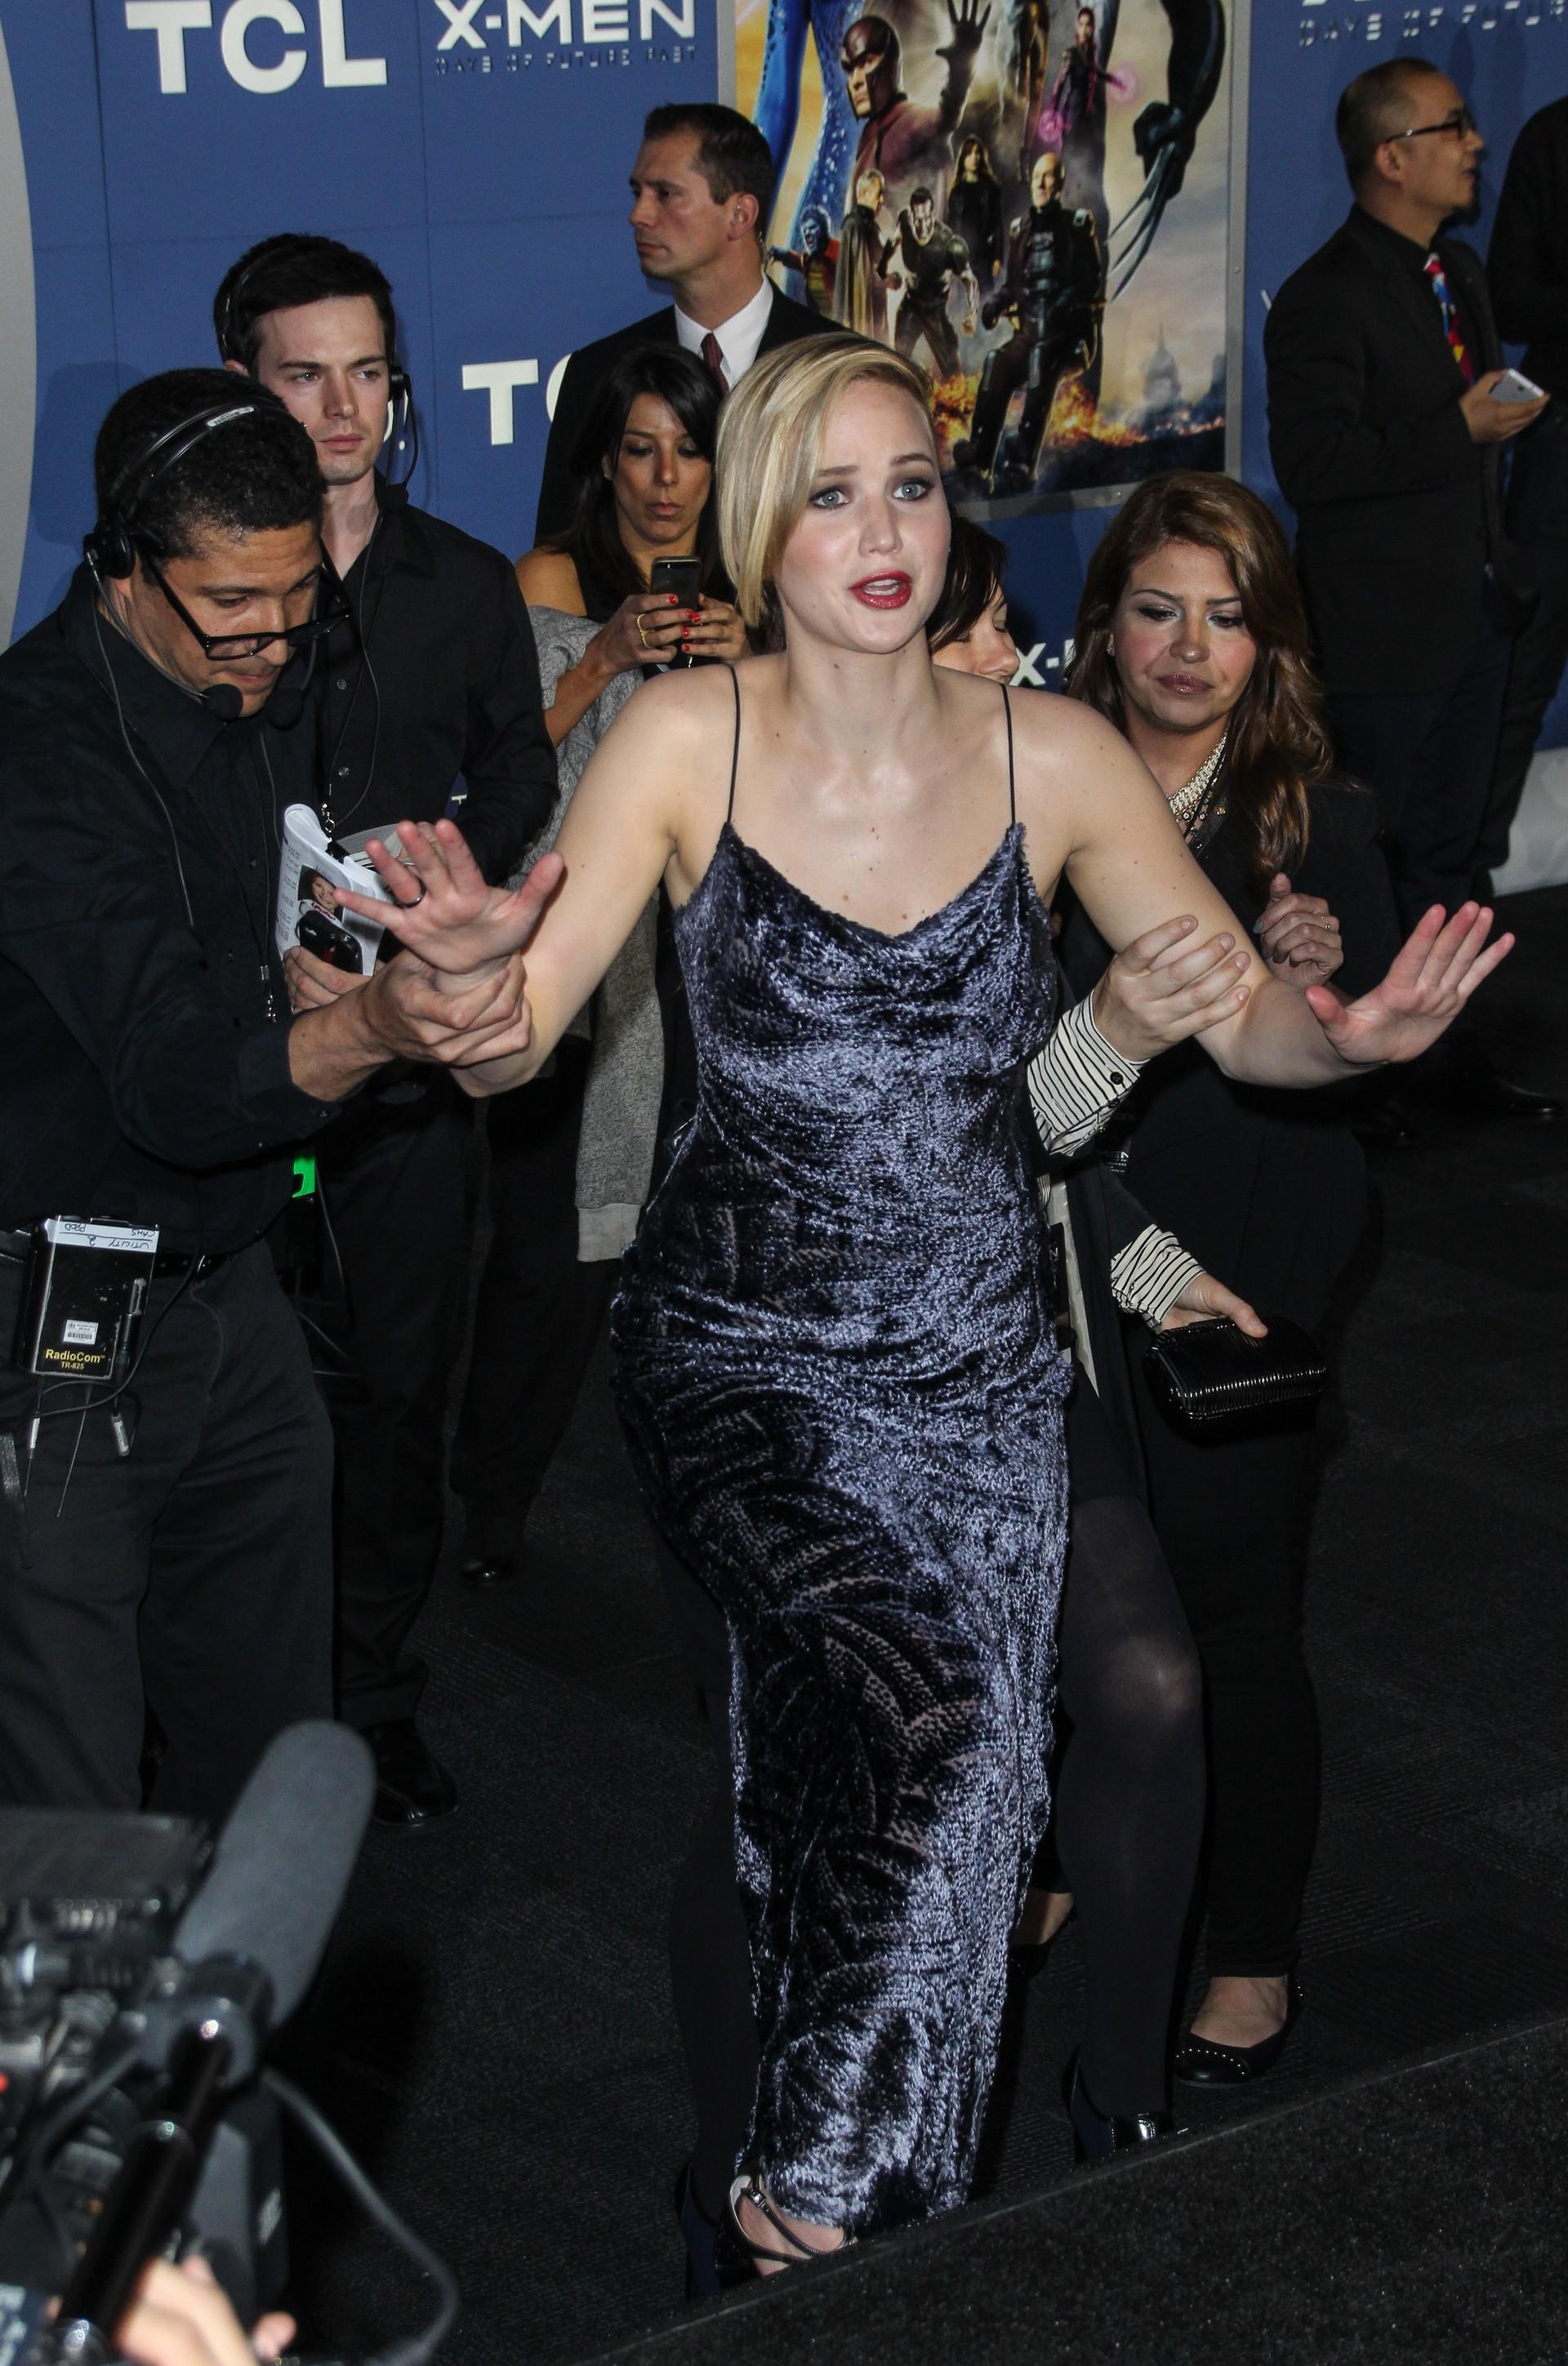 Jennifer Lawrence em premiére de 'X-Men: Dias de um Futuro Esquecido' em Nova York (Foto: Splash News/AKM-GSI / AKM-GSI)